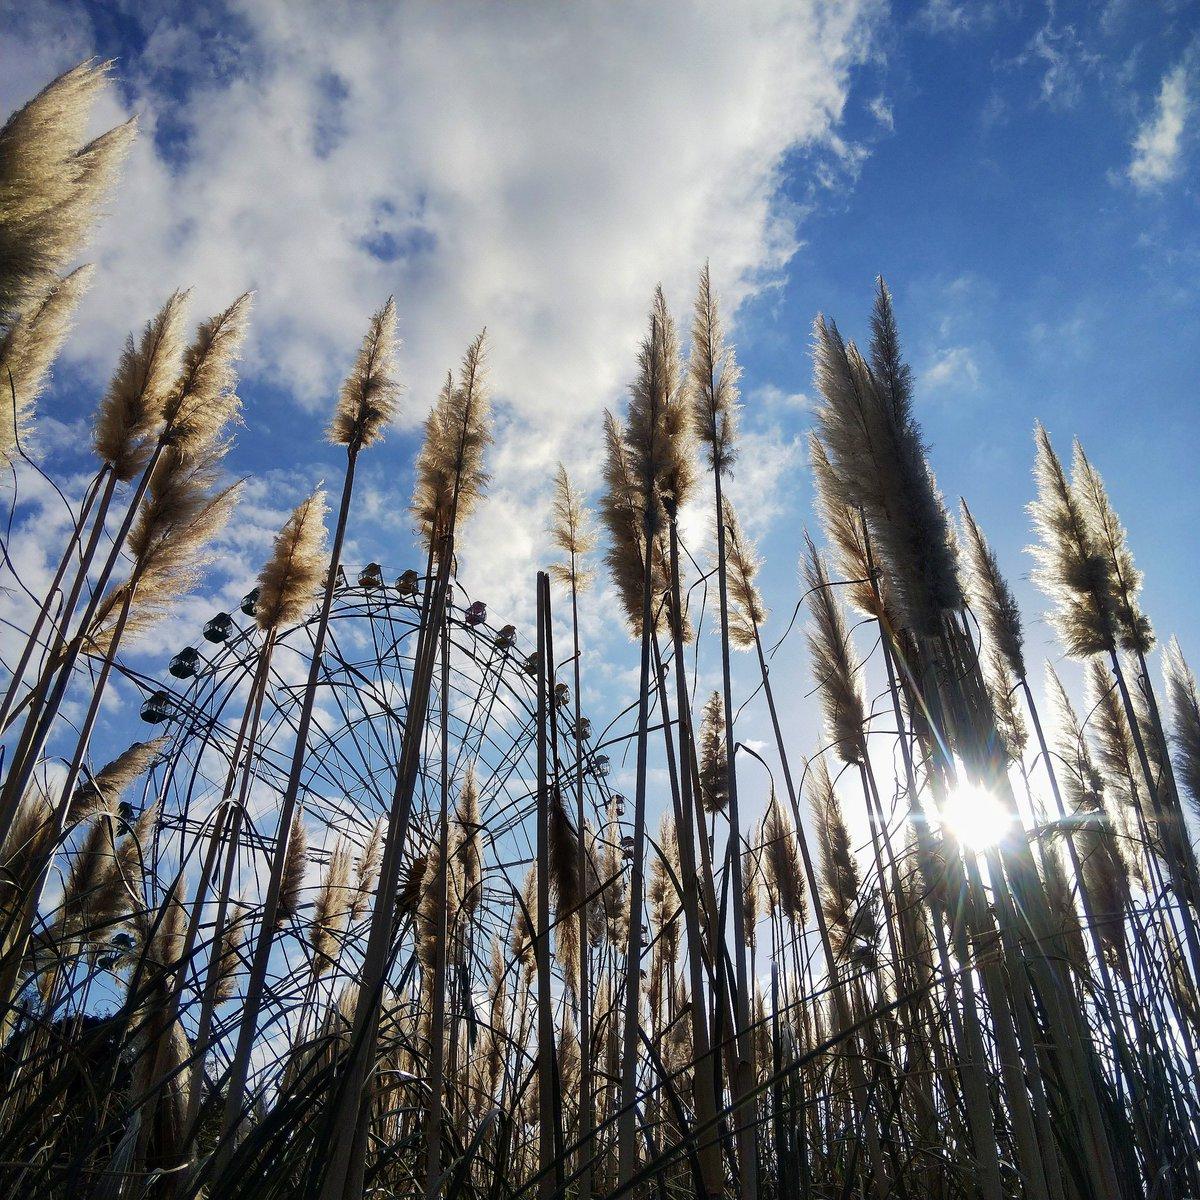 こんばんは #キリトリセカイ #空のある風景 #写真好きな人と繫がりたい #ファインダー越しの私の世界  #写真撮ってる人と繋がりたい  #風景 #秋 #ススキ #観覧車 https://t.co/bNyvoNqGpI